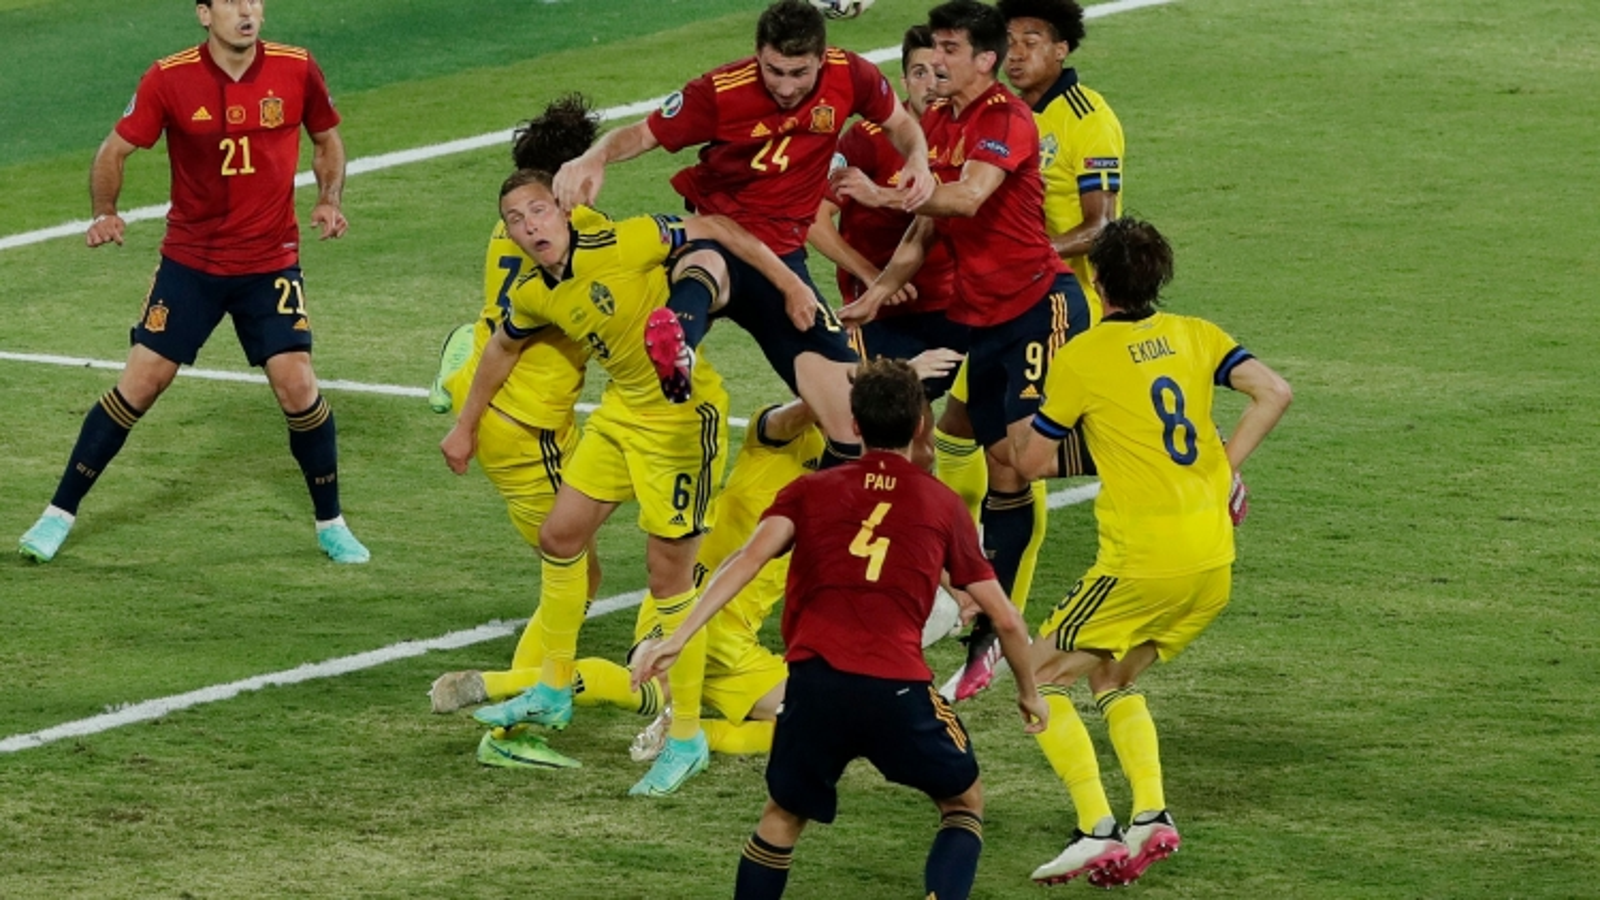 Bảng xếp hạng EURO 2021 mới nhất: Liên tiếp những bất ngờ